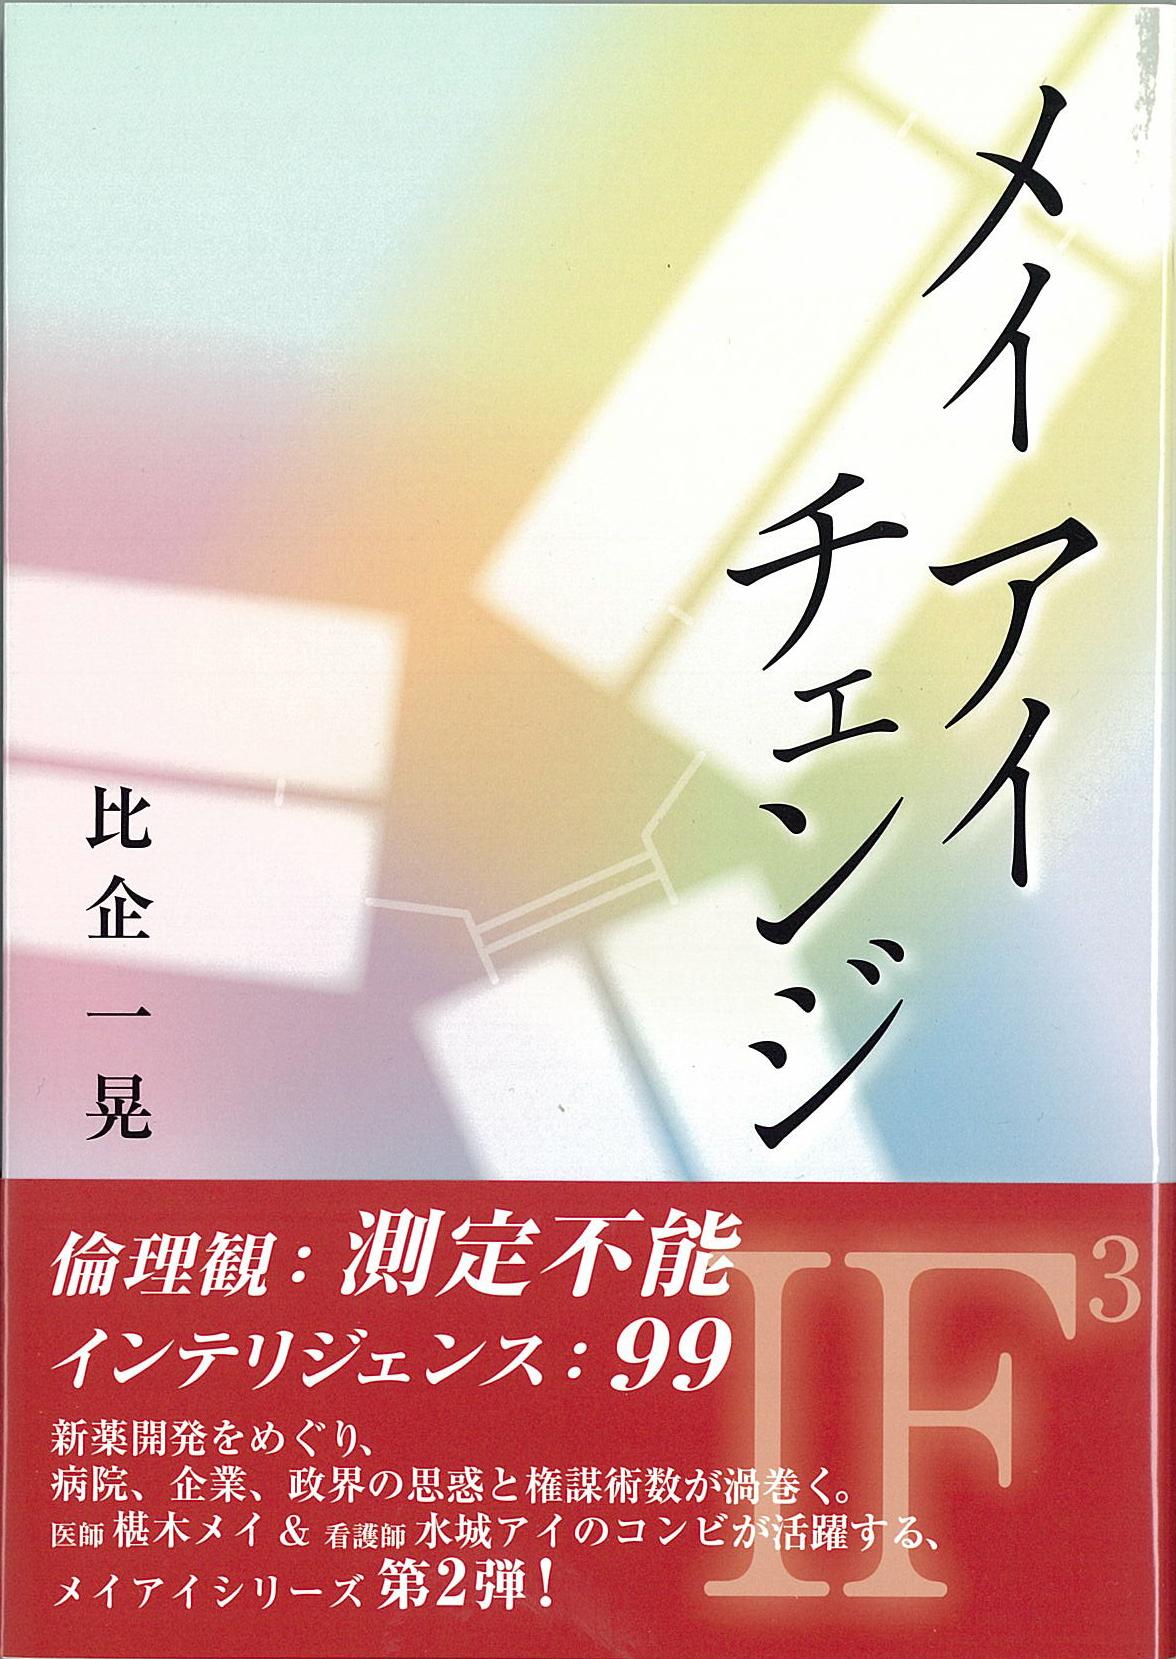 メイ アイ チェンジ IF3